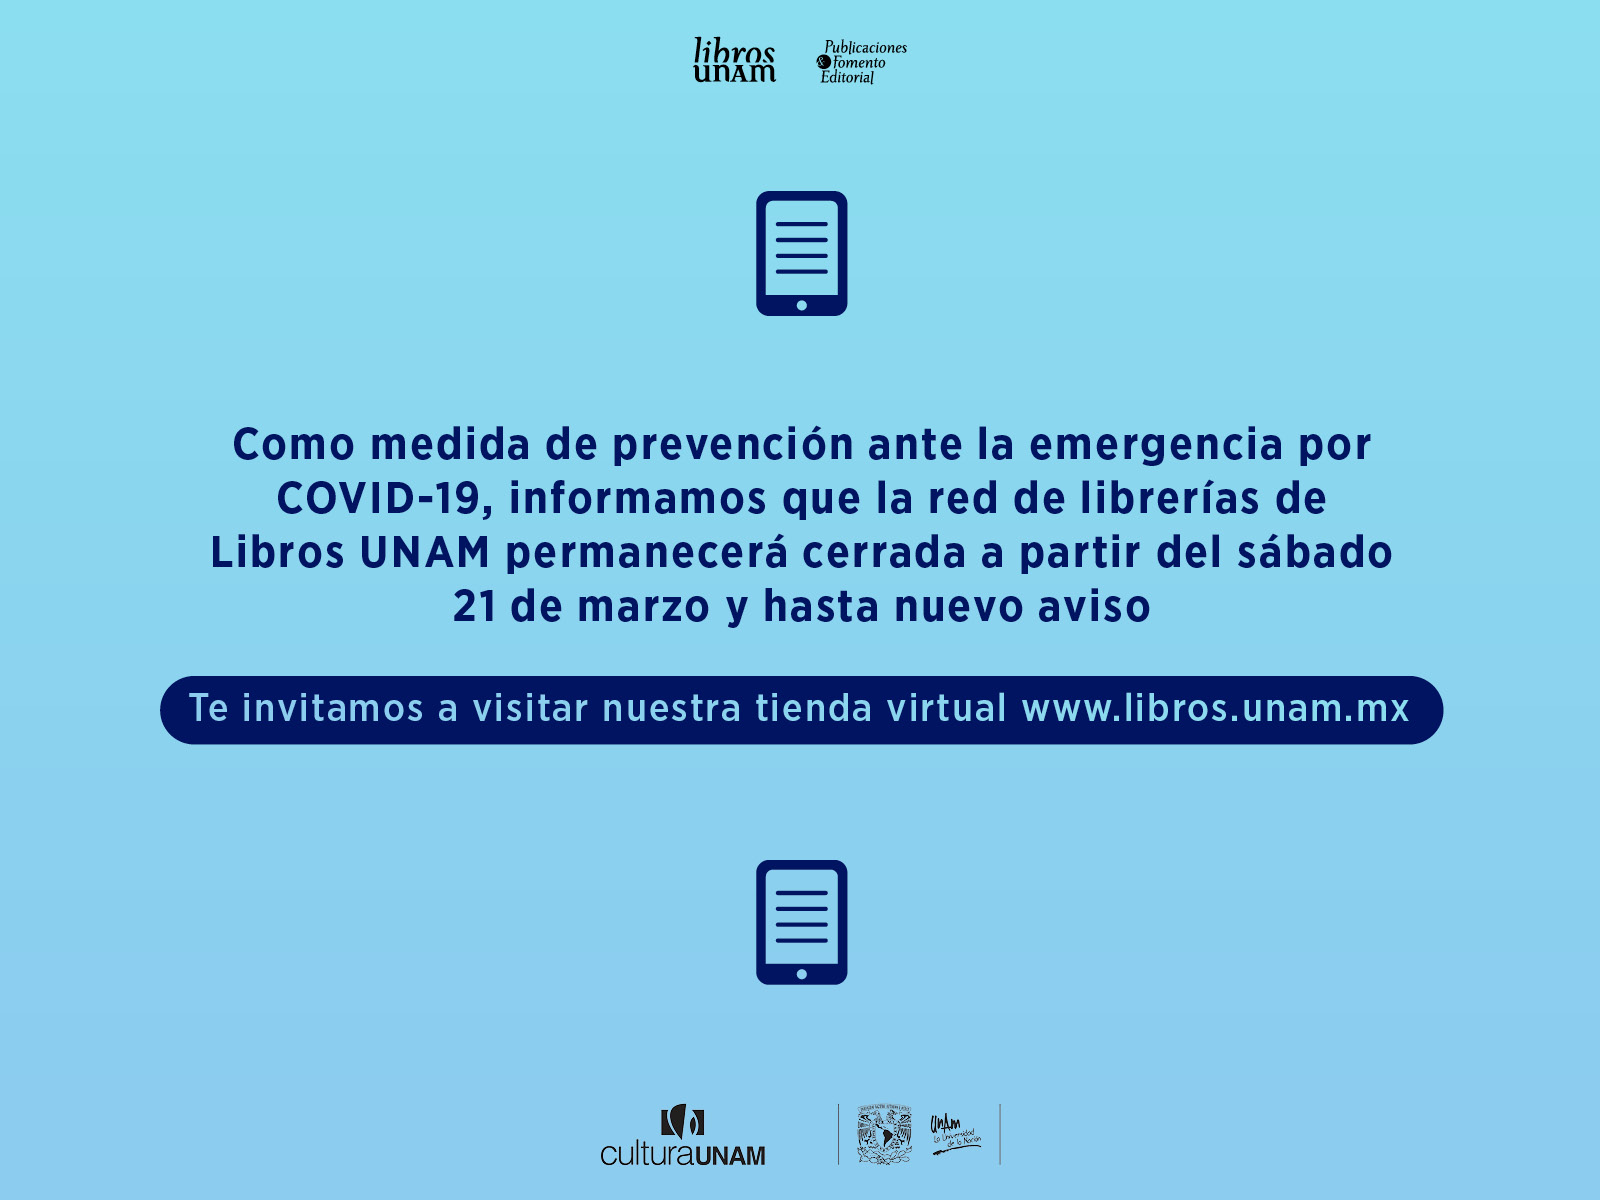 Medidas de prevención COVID 19, marzo 2020, Libros UNAM